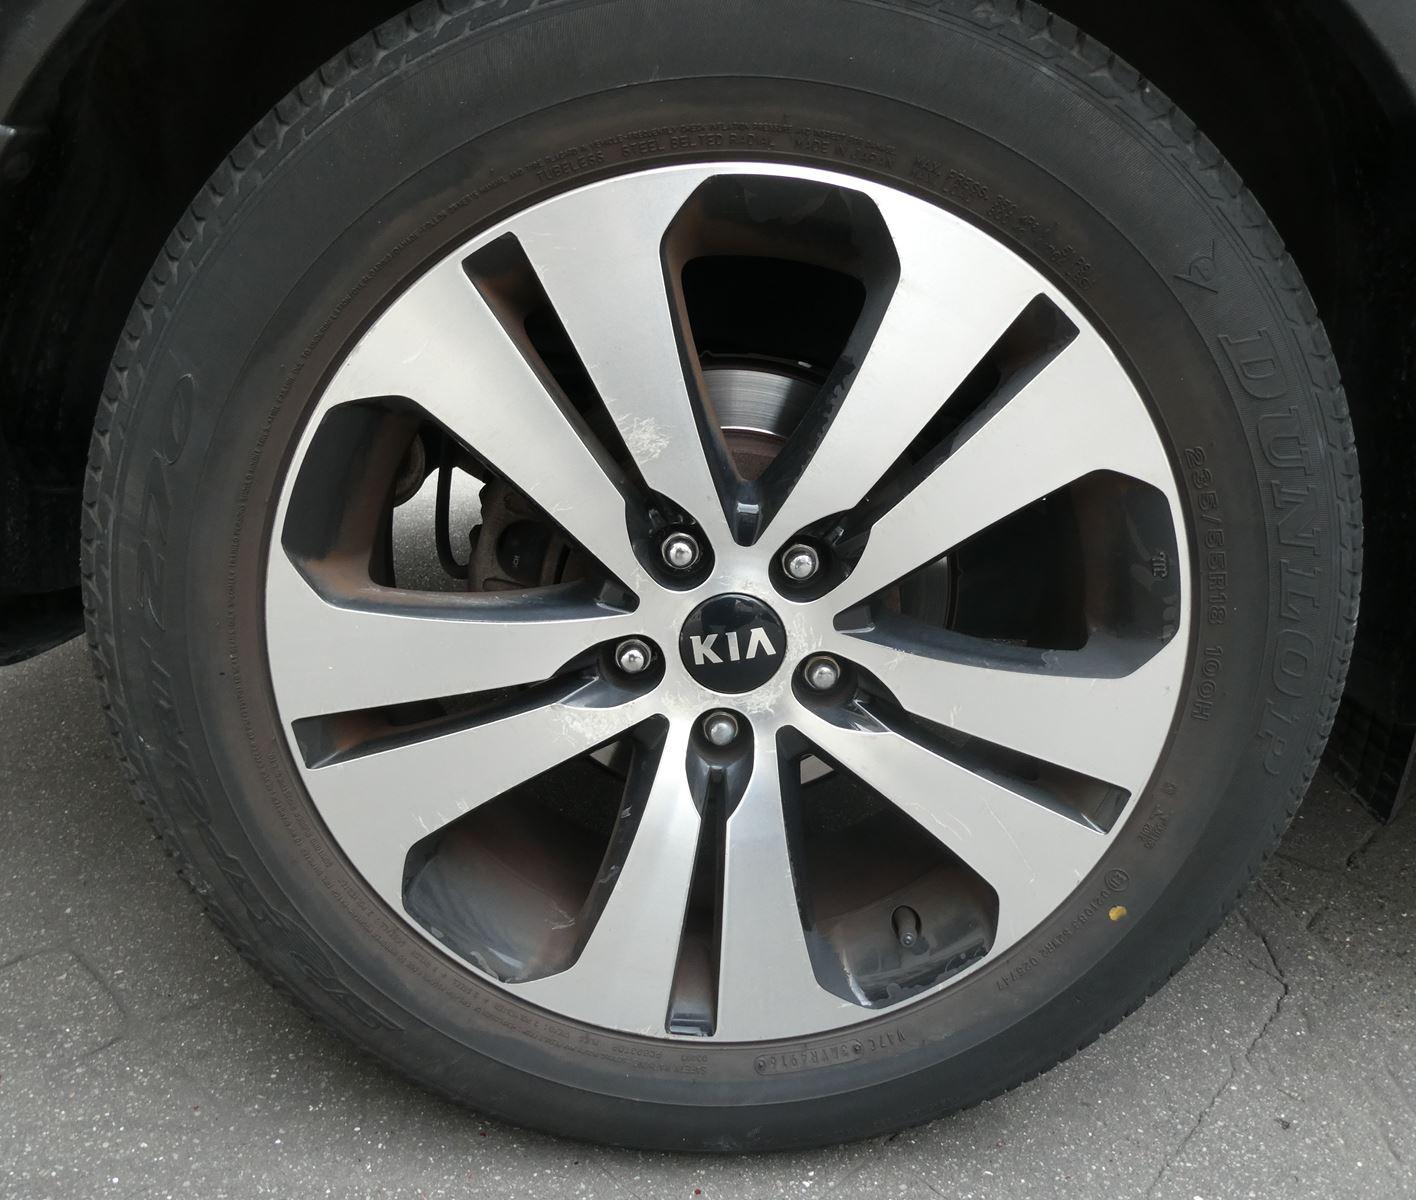 Kia Sportage 2.0 AWD Automatic 163 ch 23